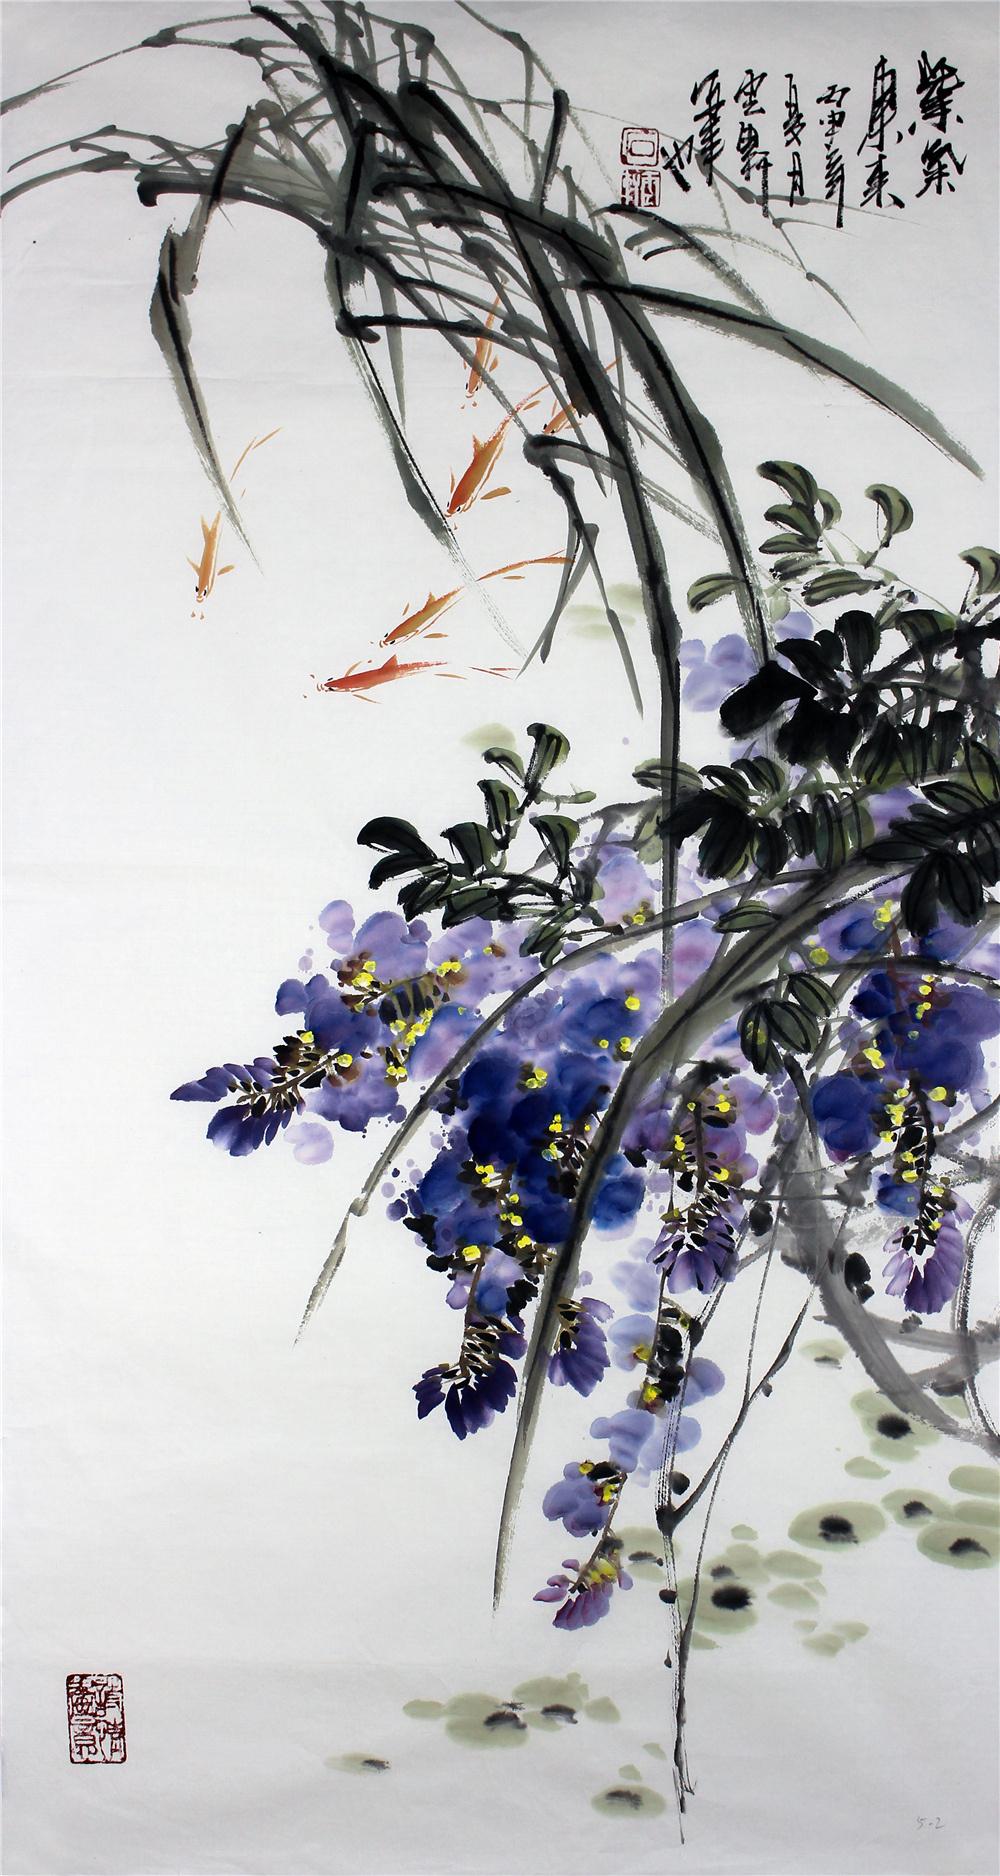 石云轩 国画写意花鸟画 三尺竖幅 紫气东来 紫藤小鱼5 2